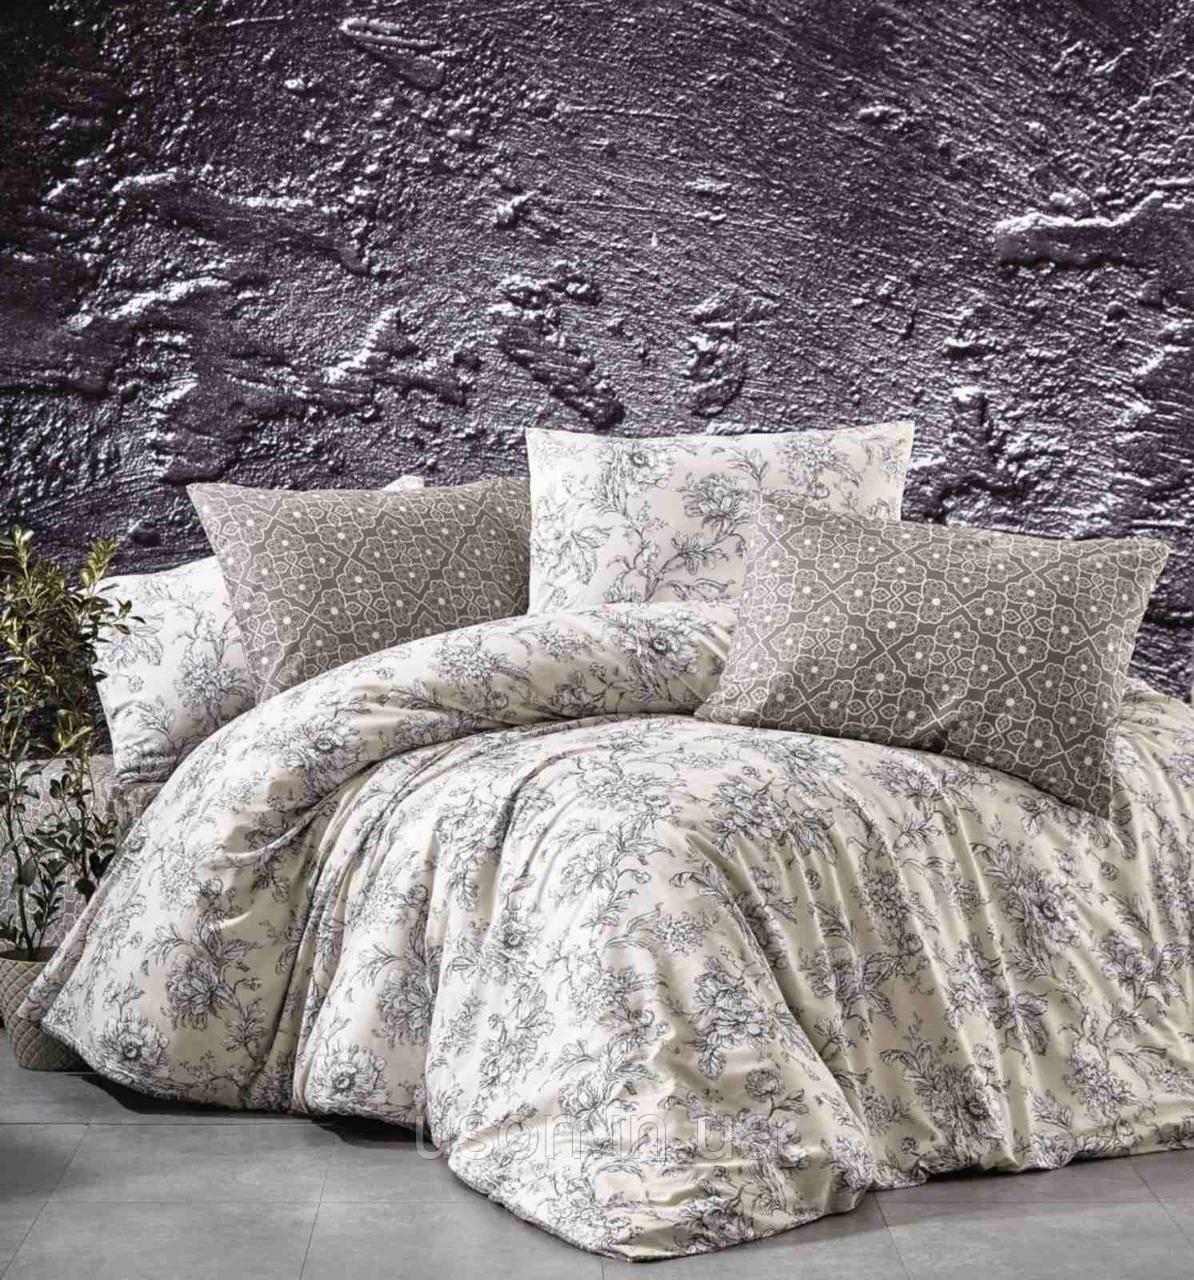 Комплект постельного белья из фланели ТМ Belizza Estelita Bej